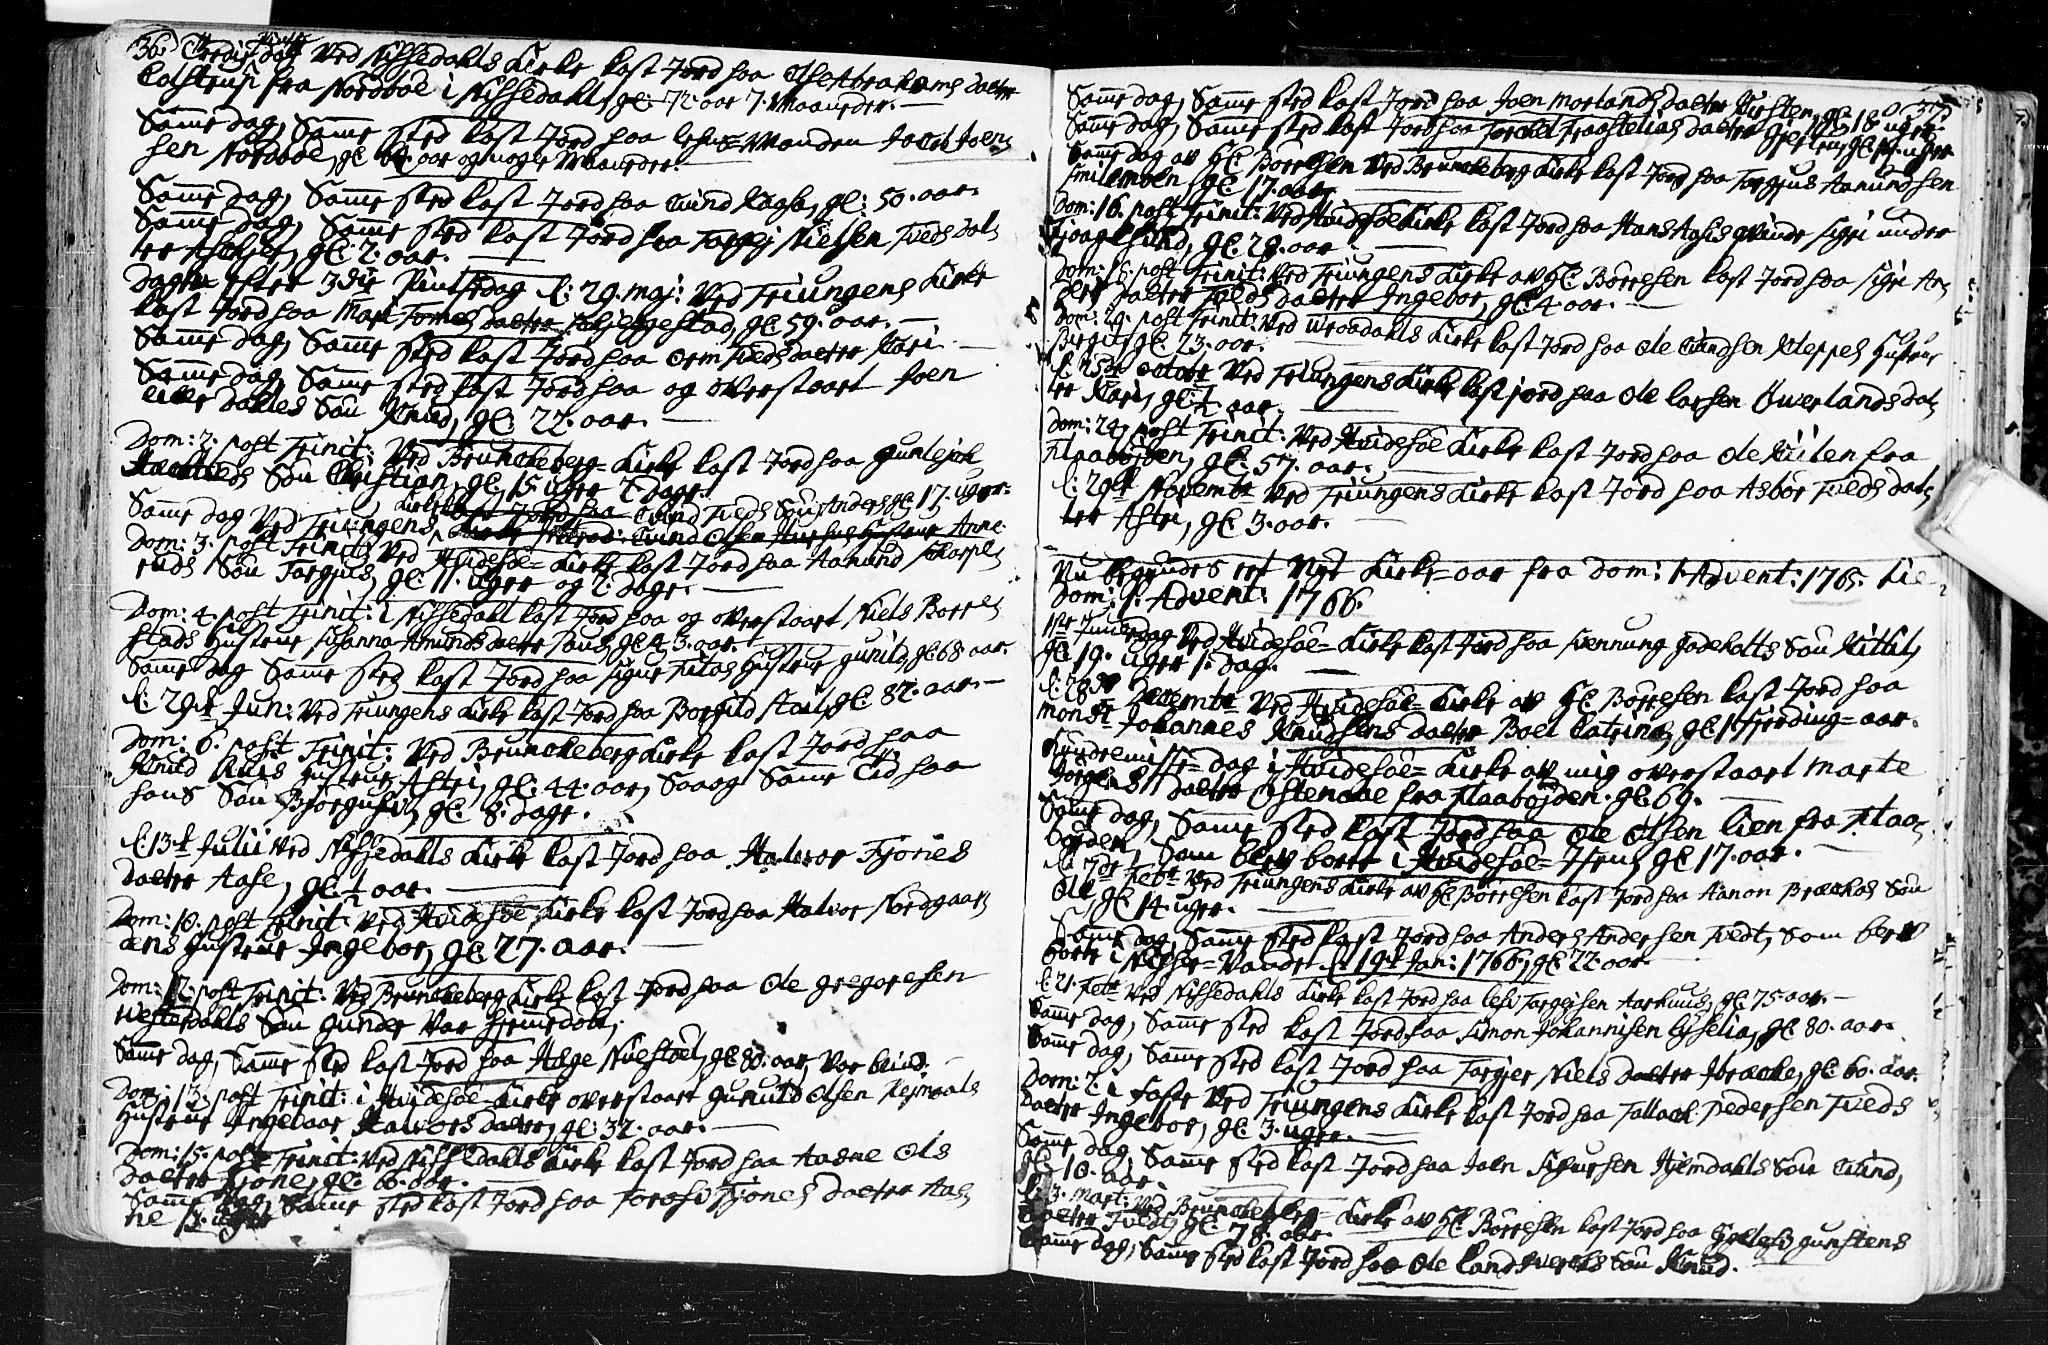 SAKO, Kviteseid kirkebøker, F/Fa/L0001: Ministerialbok nr. I 1, 1754-1773, s. 36-37